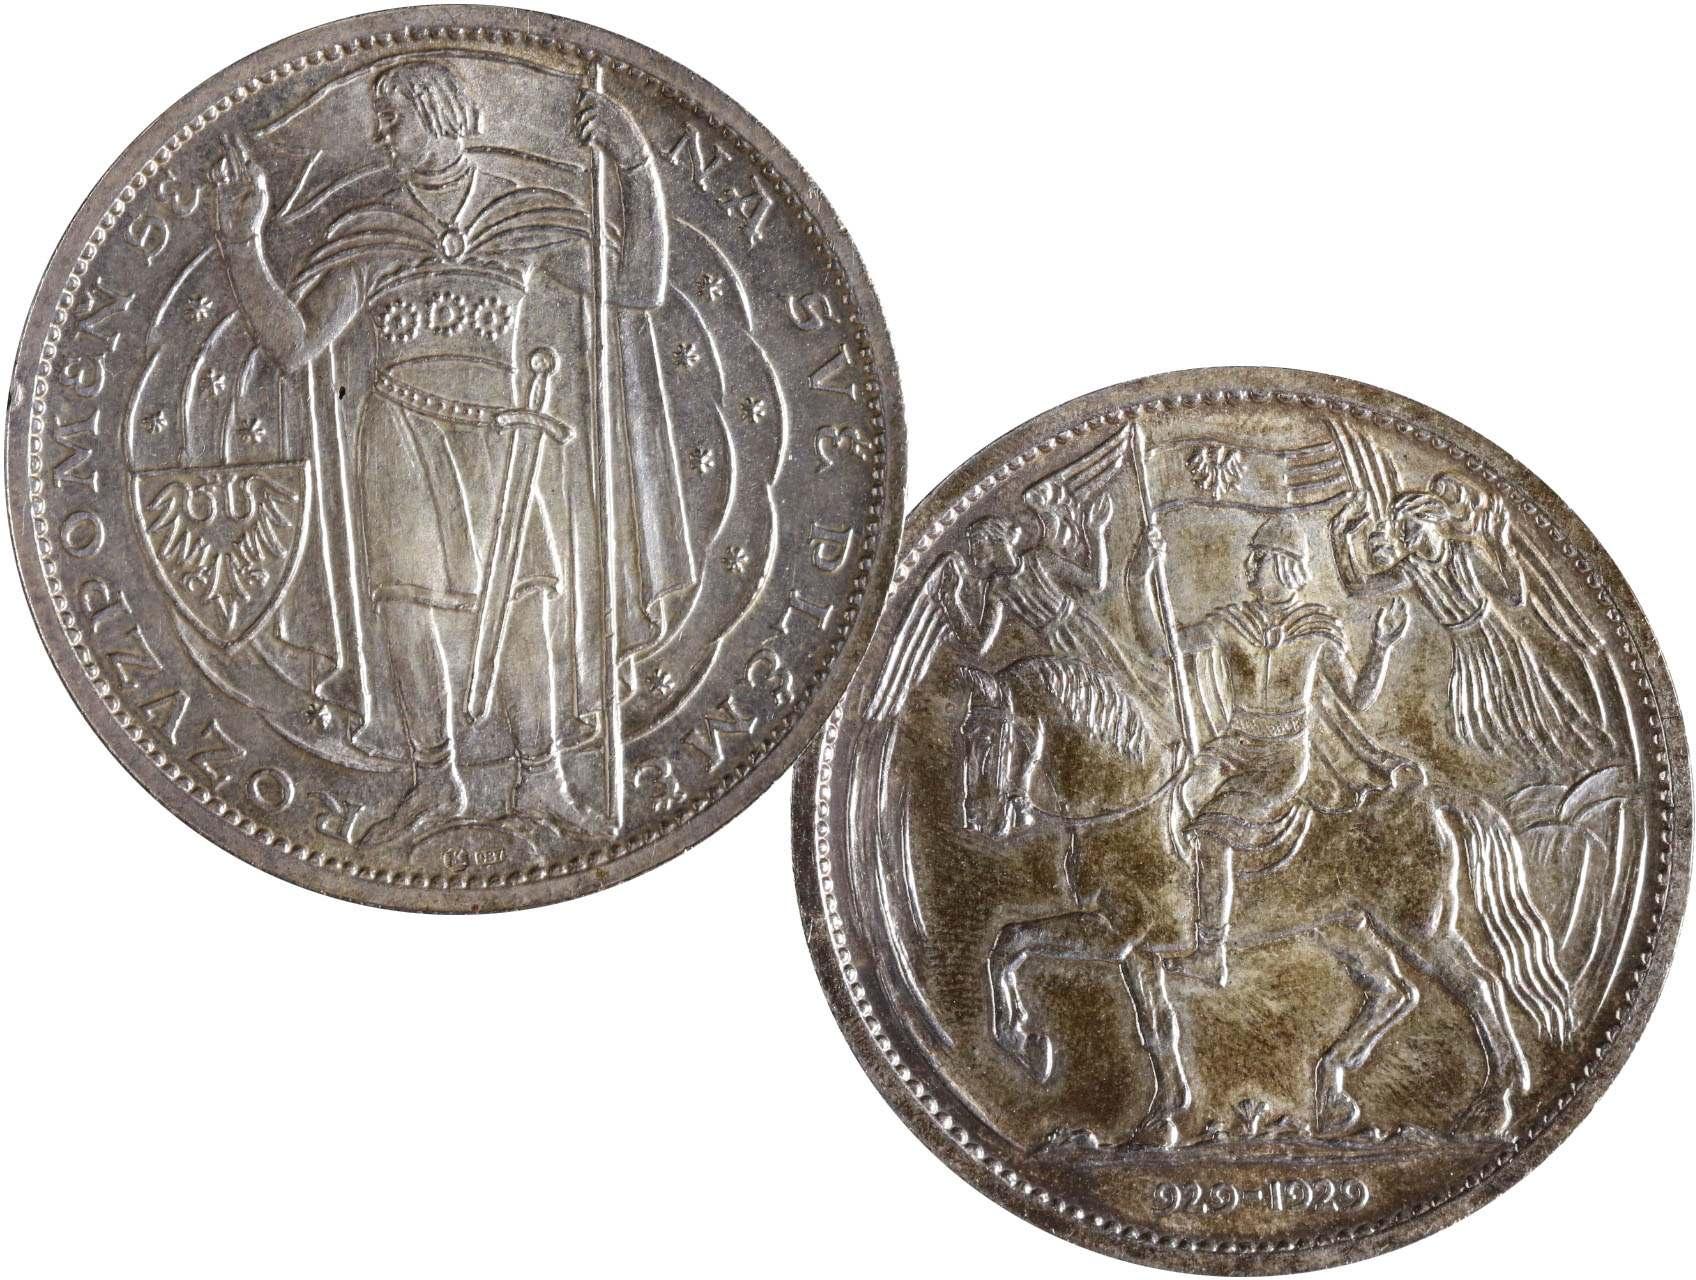 Španiel Otakar 1881-1955 - Milénium sv. Václava 929 - 1929, Ag medaile 987, 30g, průměr 40 mm, dr. hr.